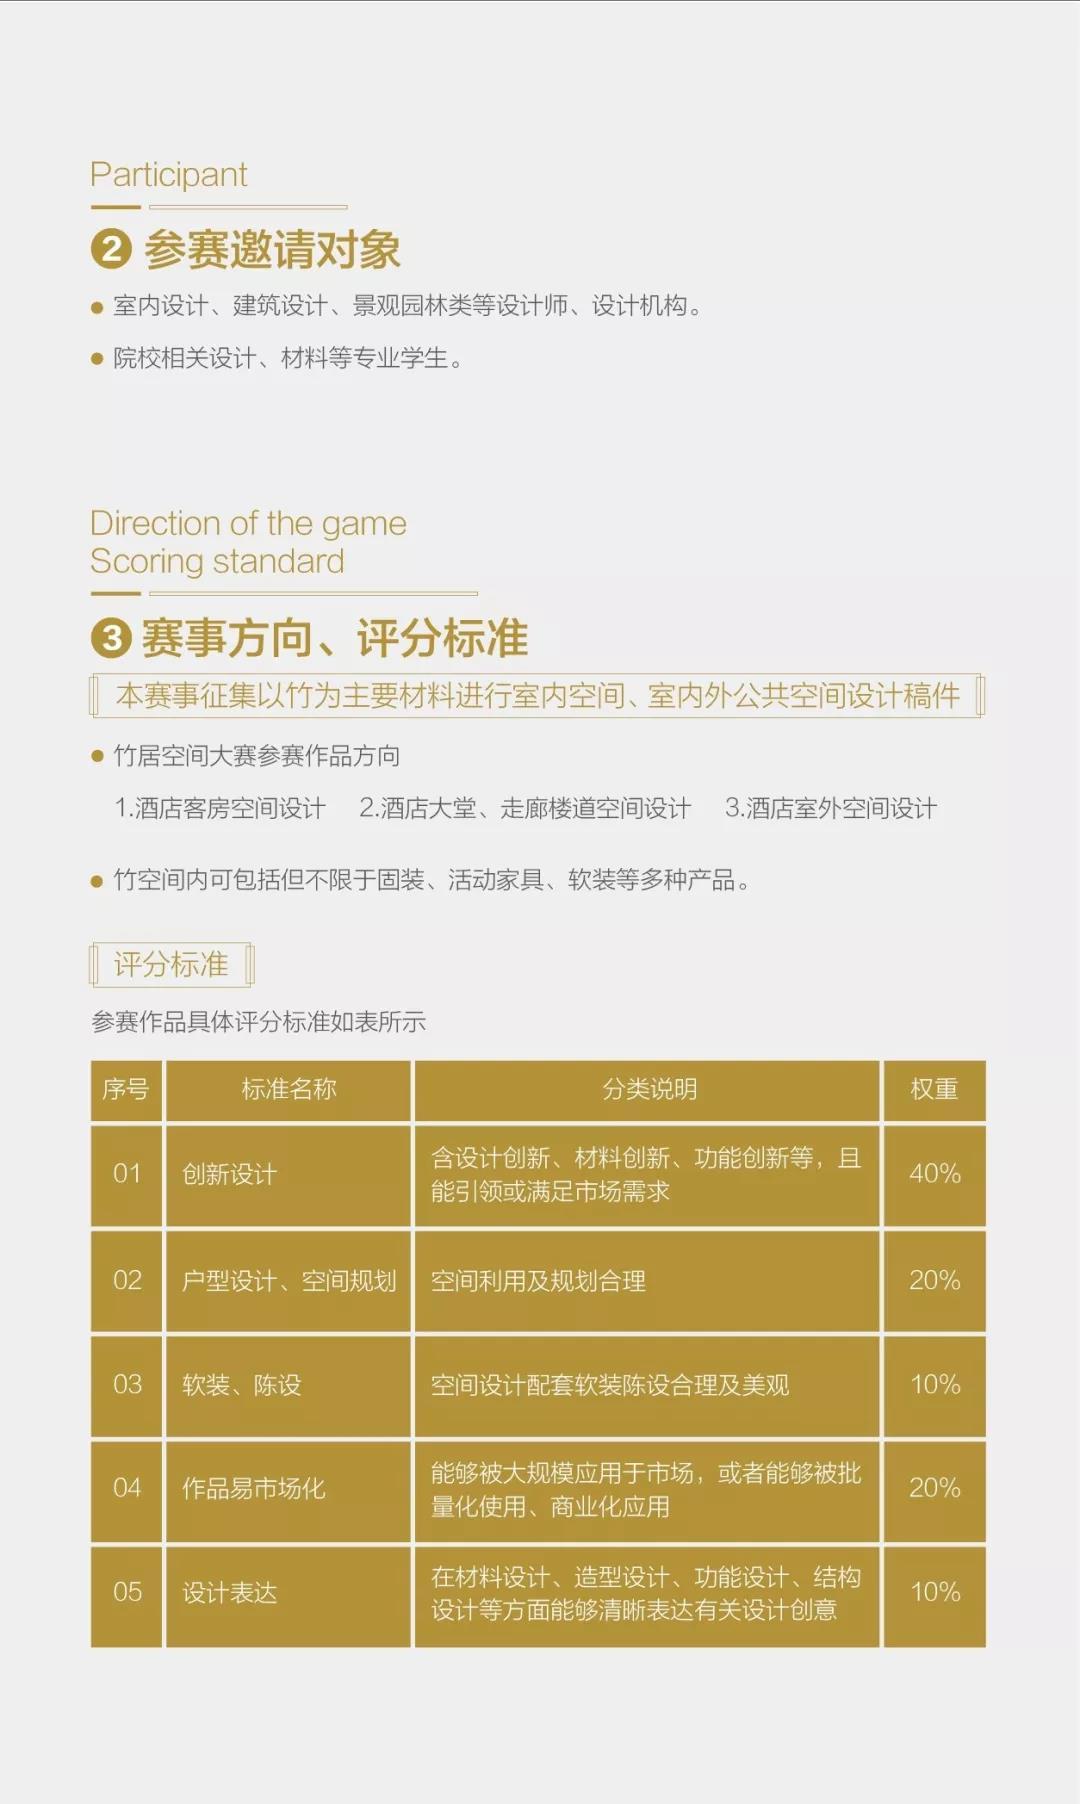 【作品征集延期公告】2019國際(永安)竹居空間設計大賽